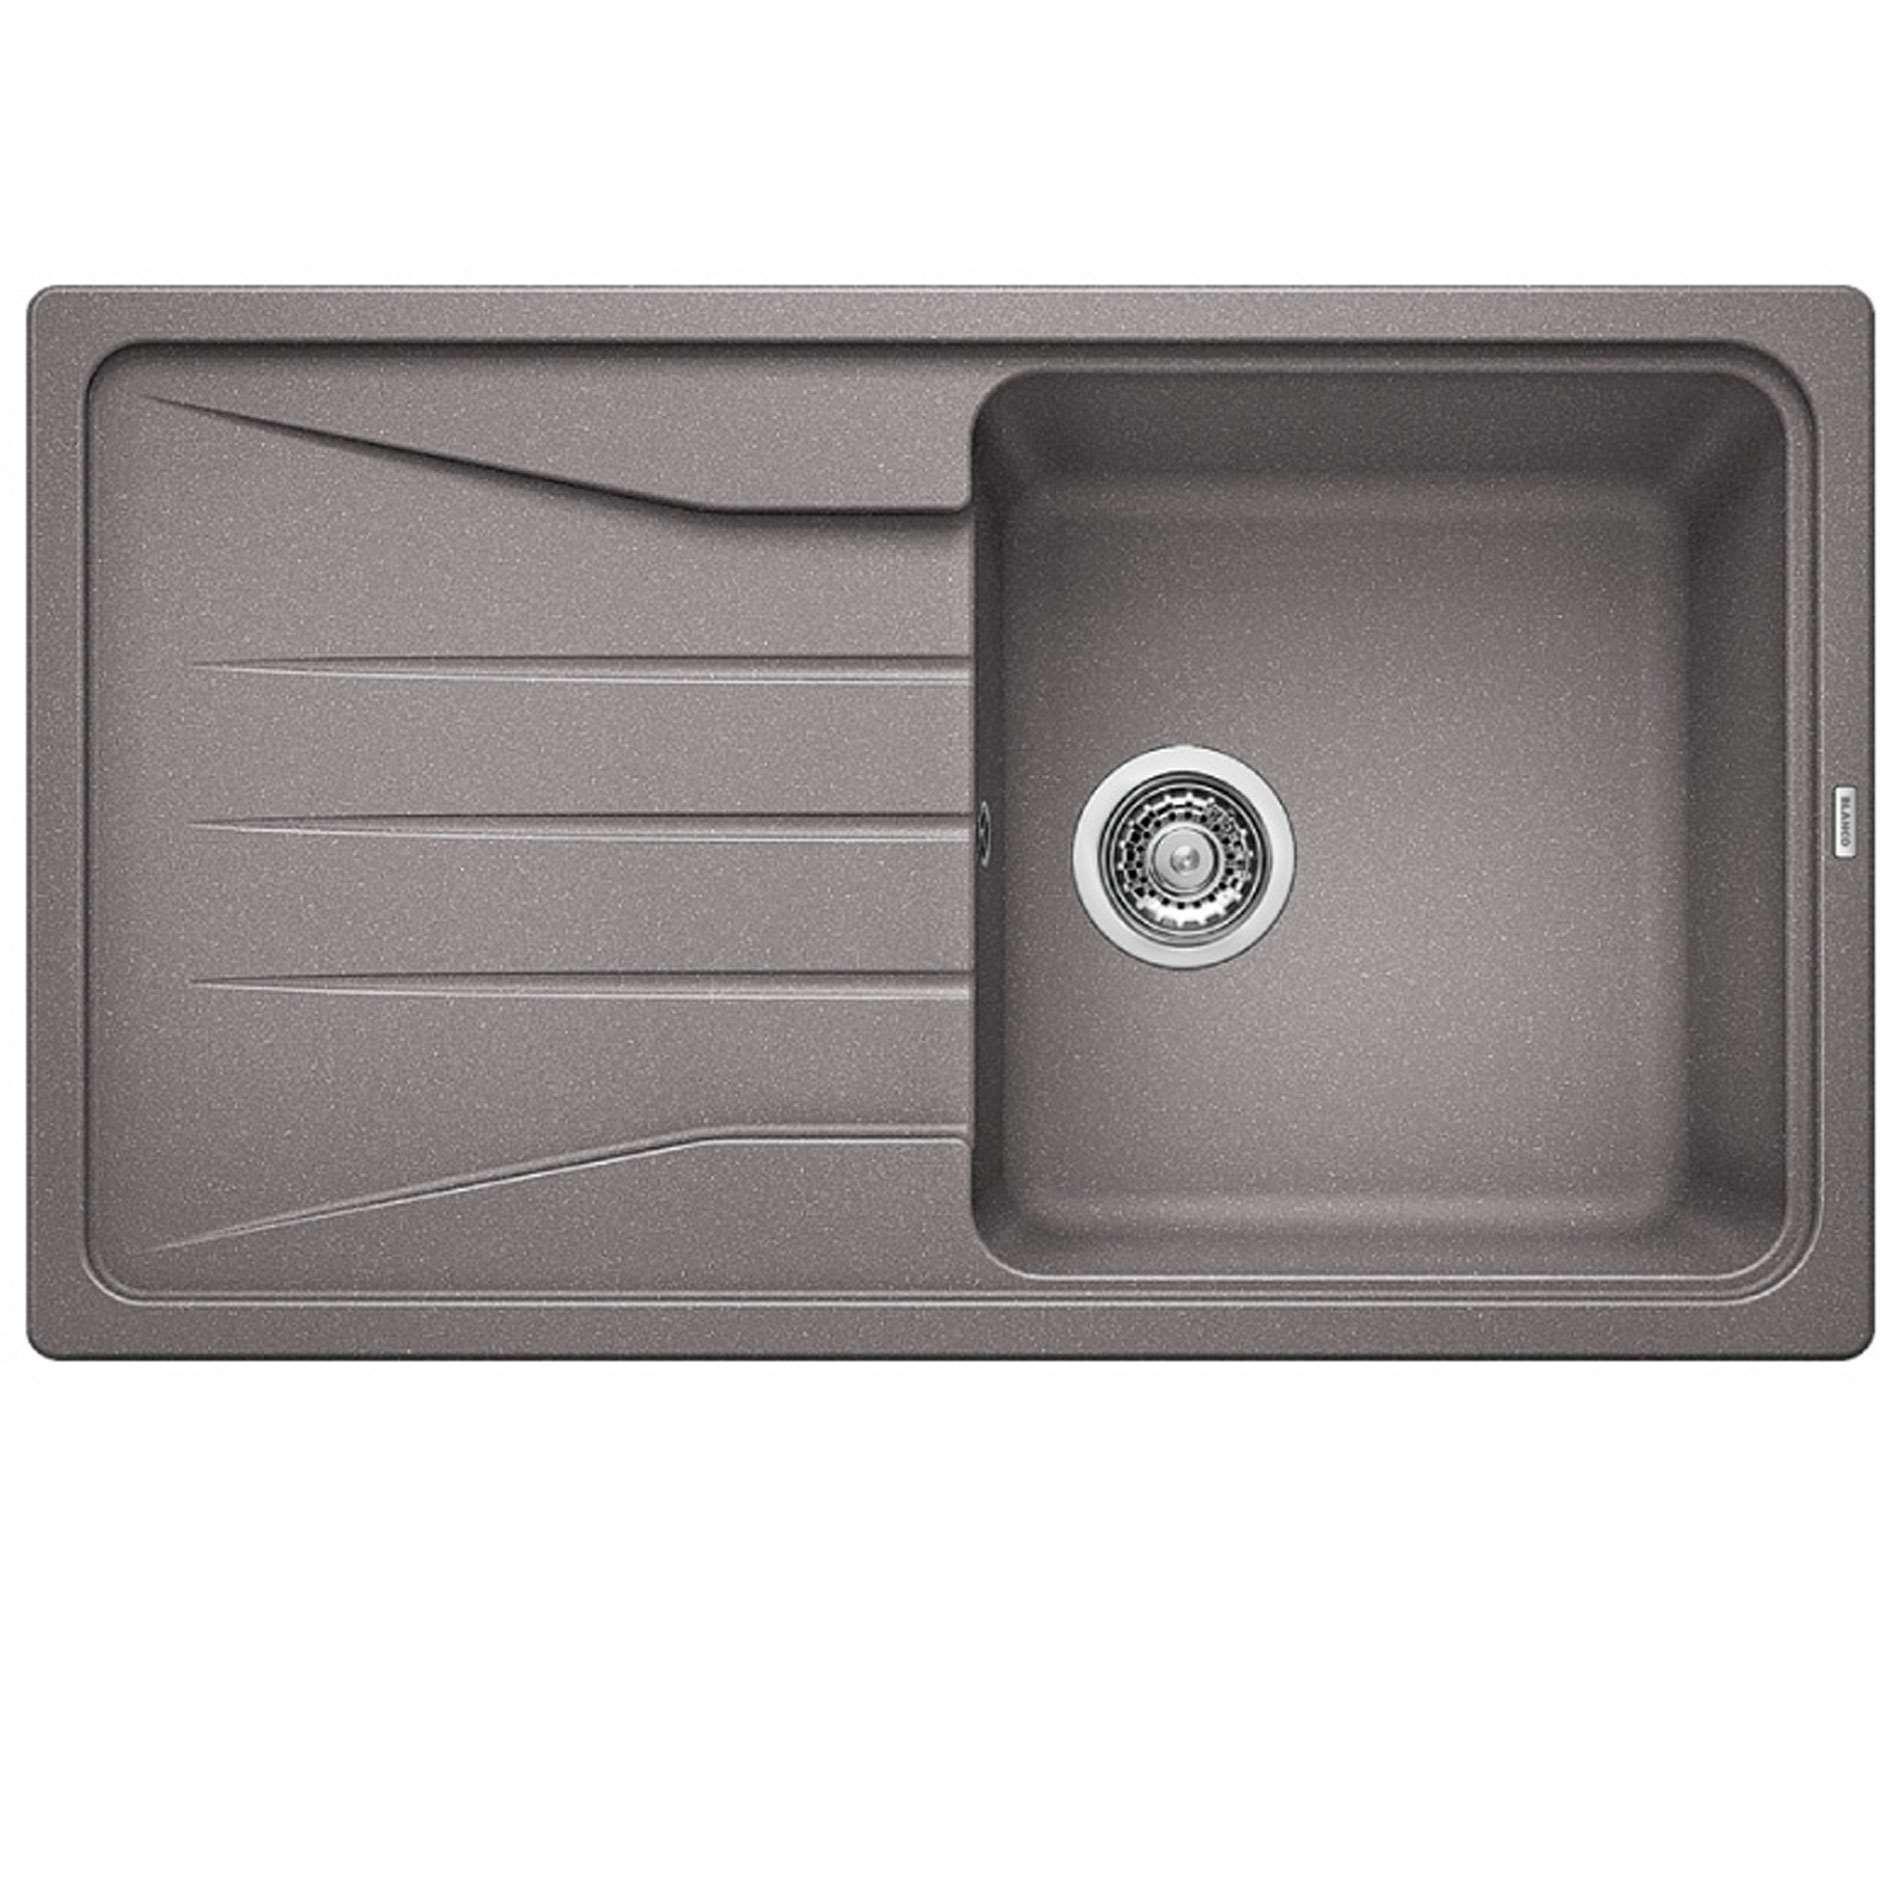 Blanco Sona 5 S Alumetallic Silgranit Sink Kitchen